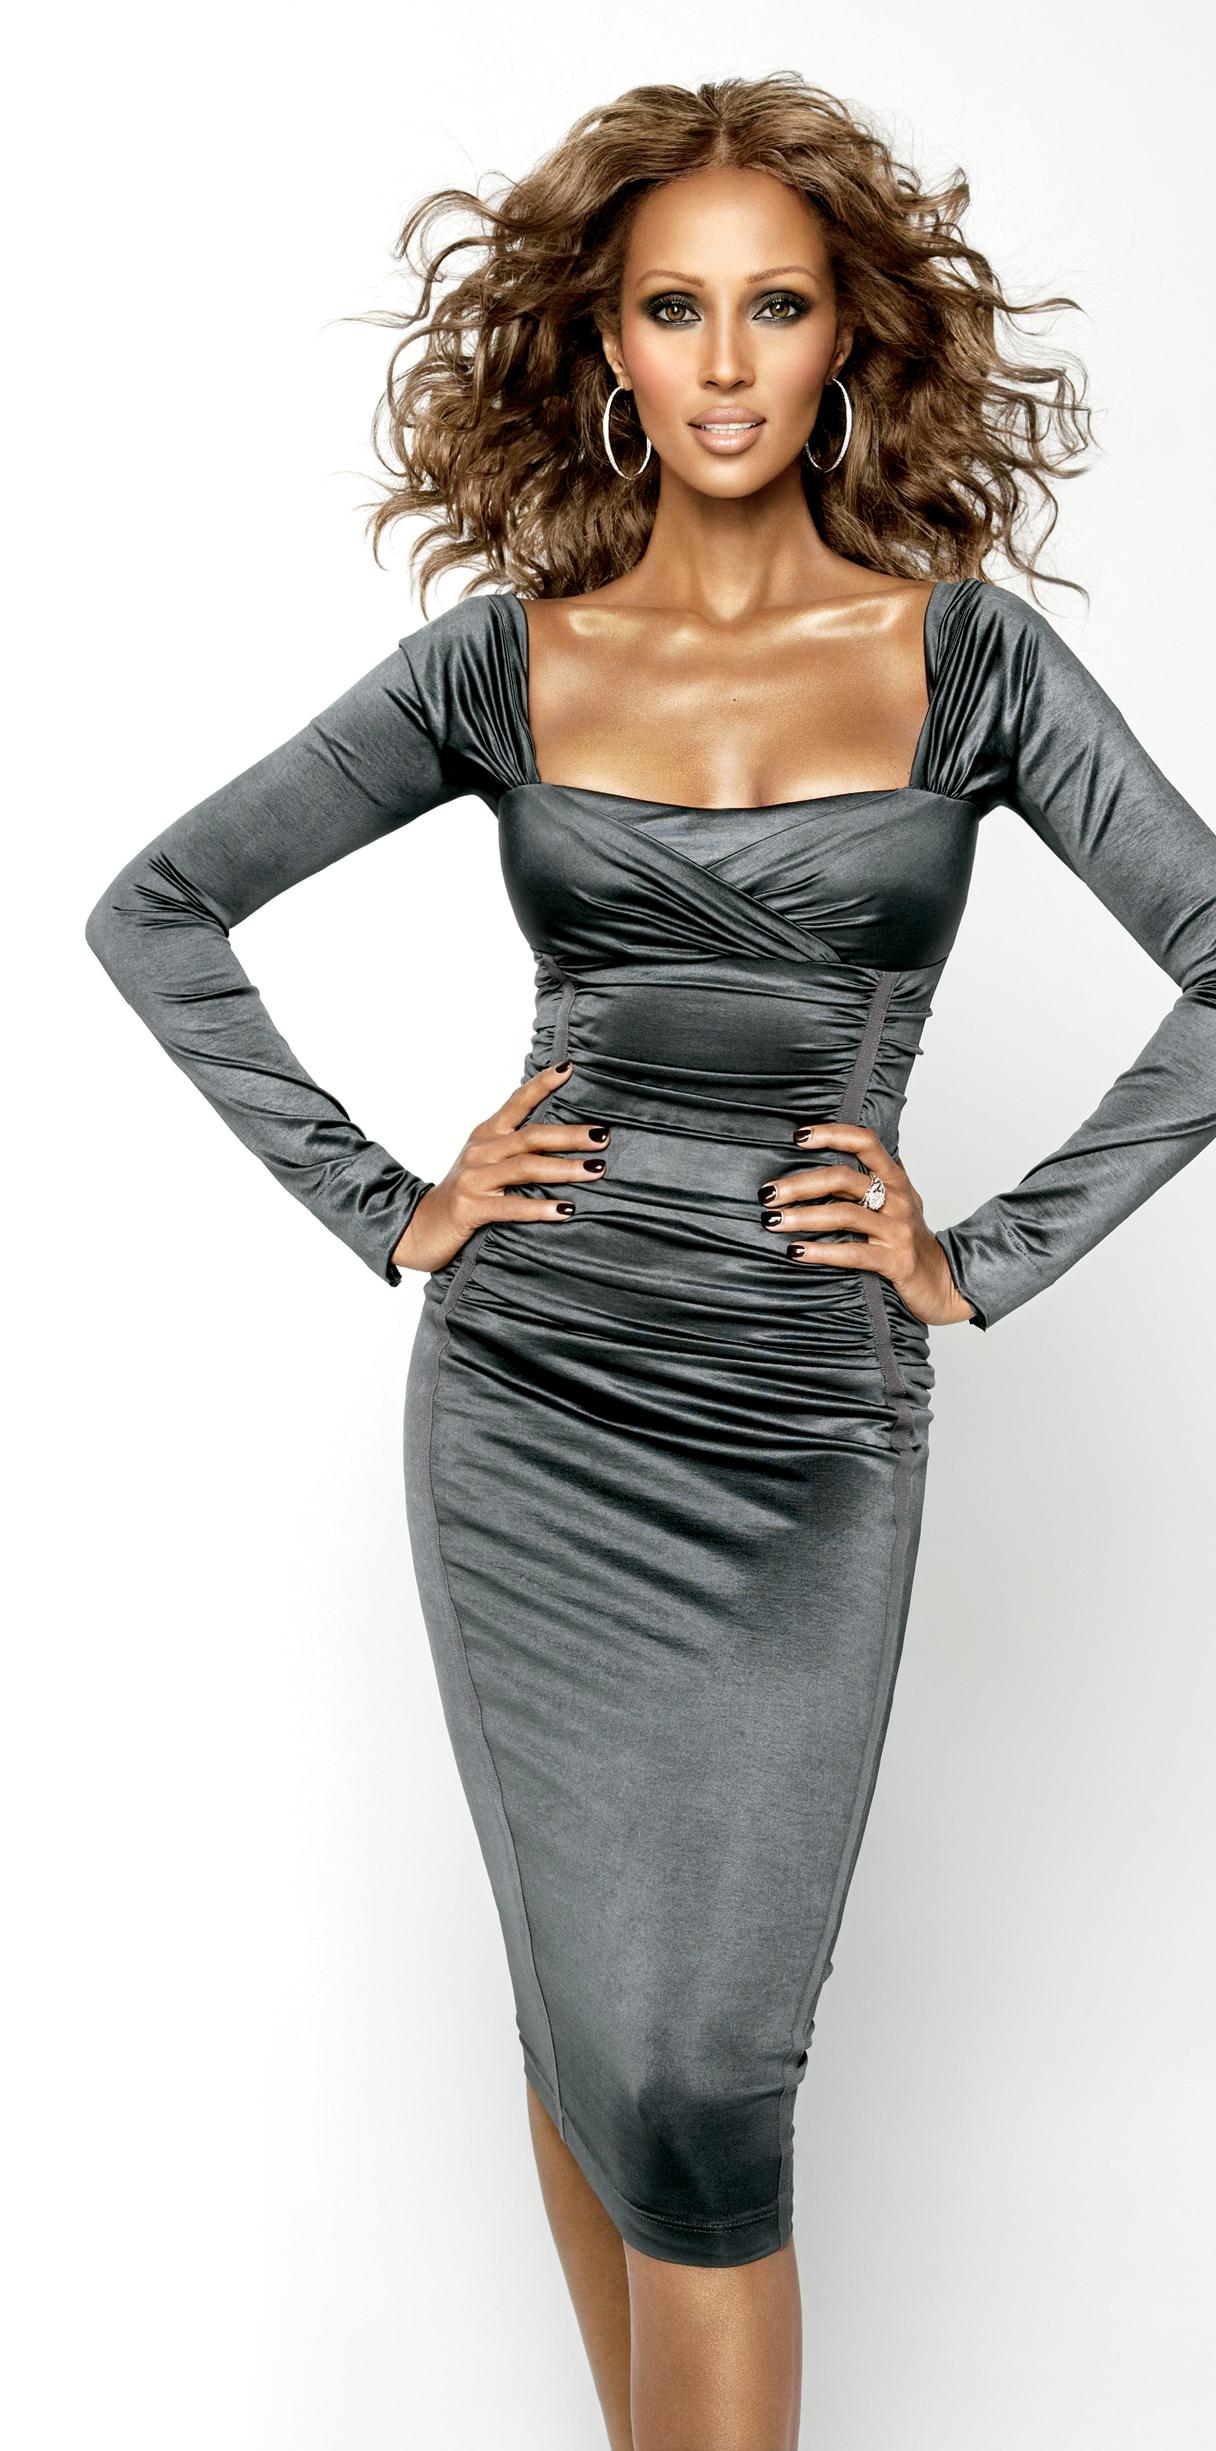 NUVO Magazine: Supermodel Iman